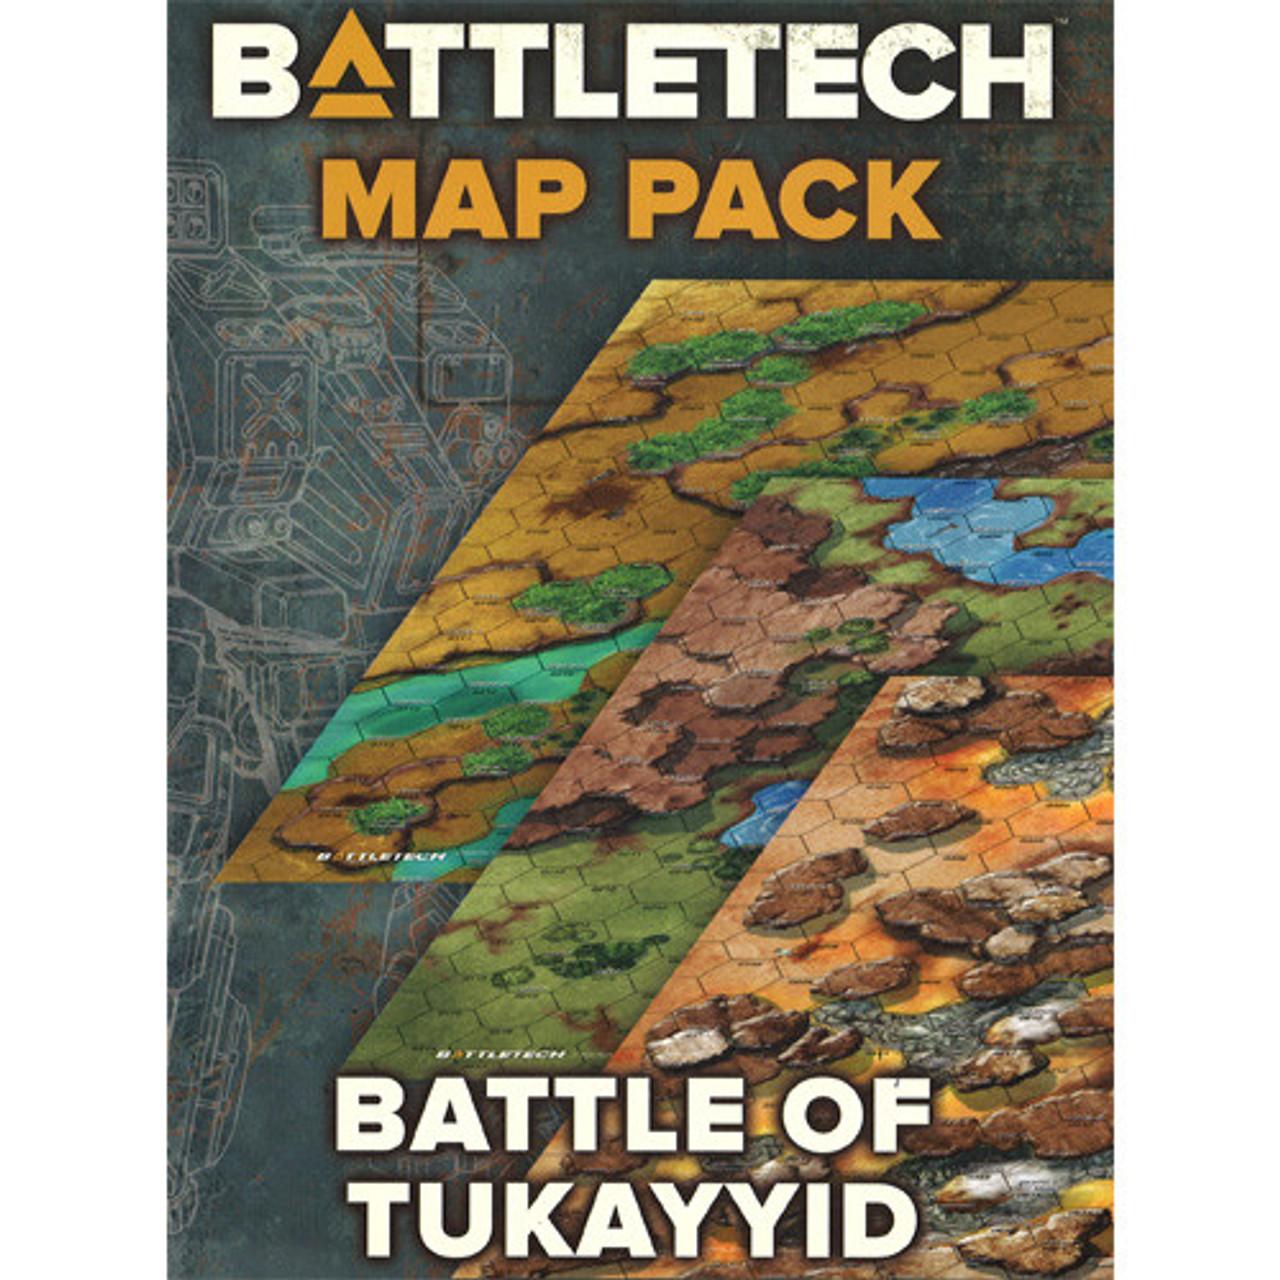 Battletech: Battle of Tukayyid Map Pack